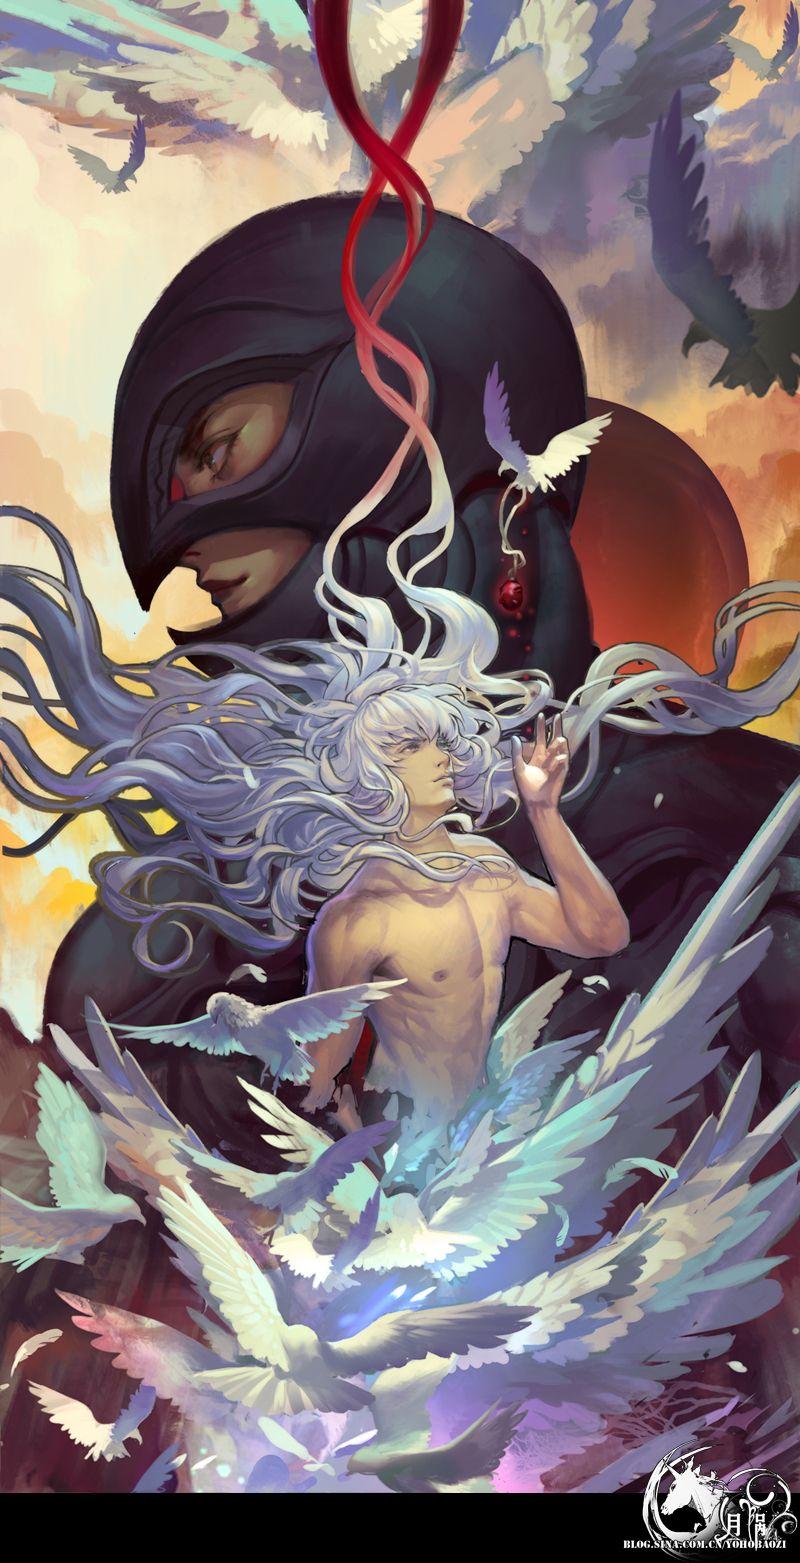 Femto/Griffith fan art  crimsonbehelit:  http://www.pixiv.net/member_illust.php?mode=medium&illust_id=52035865